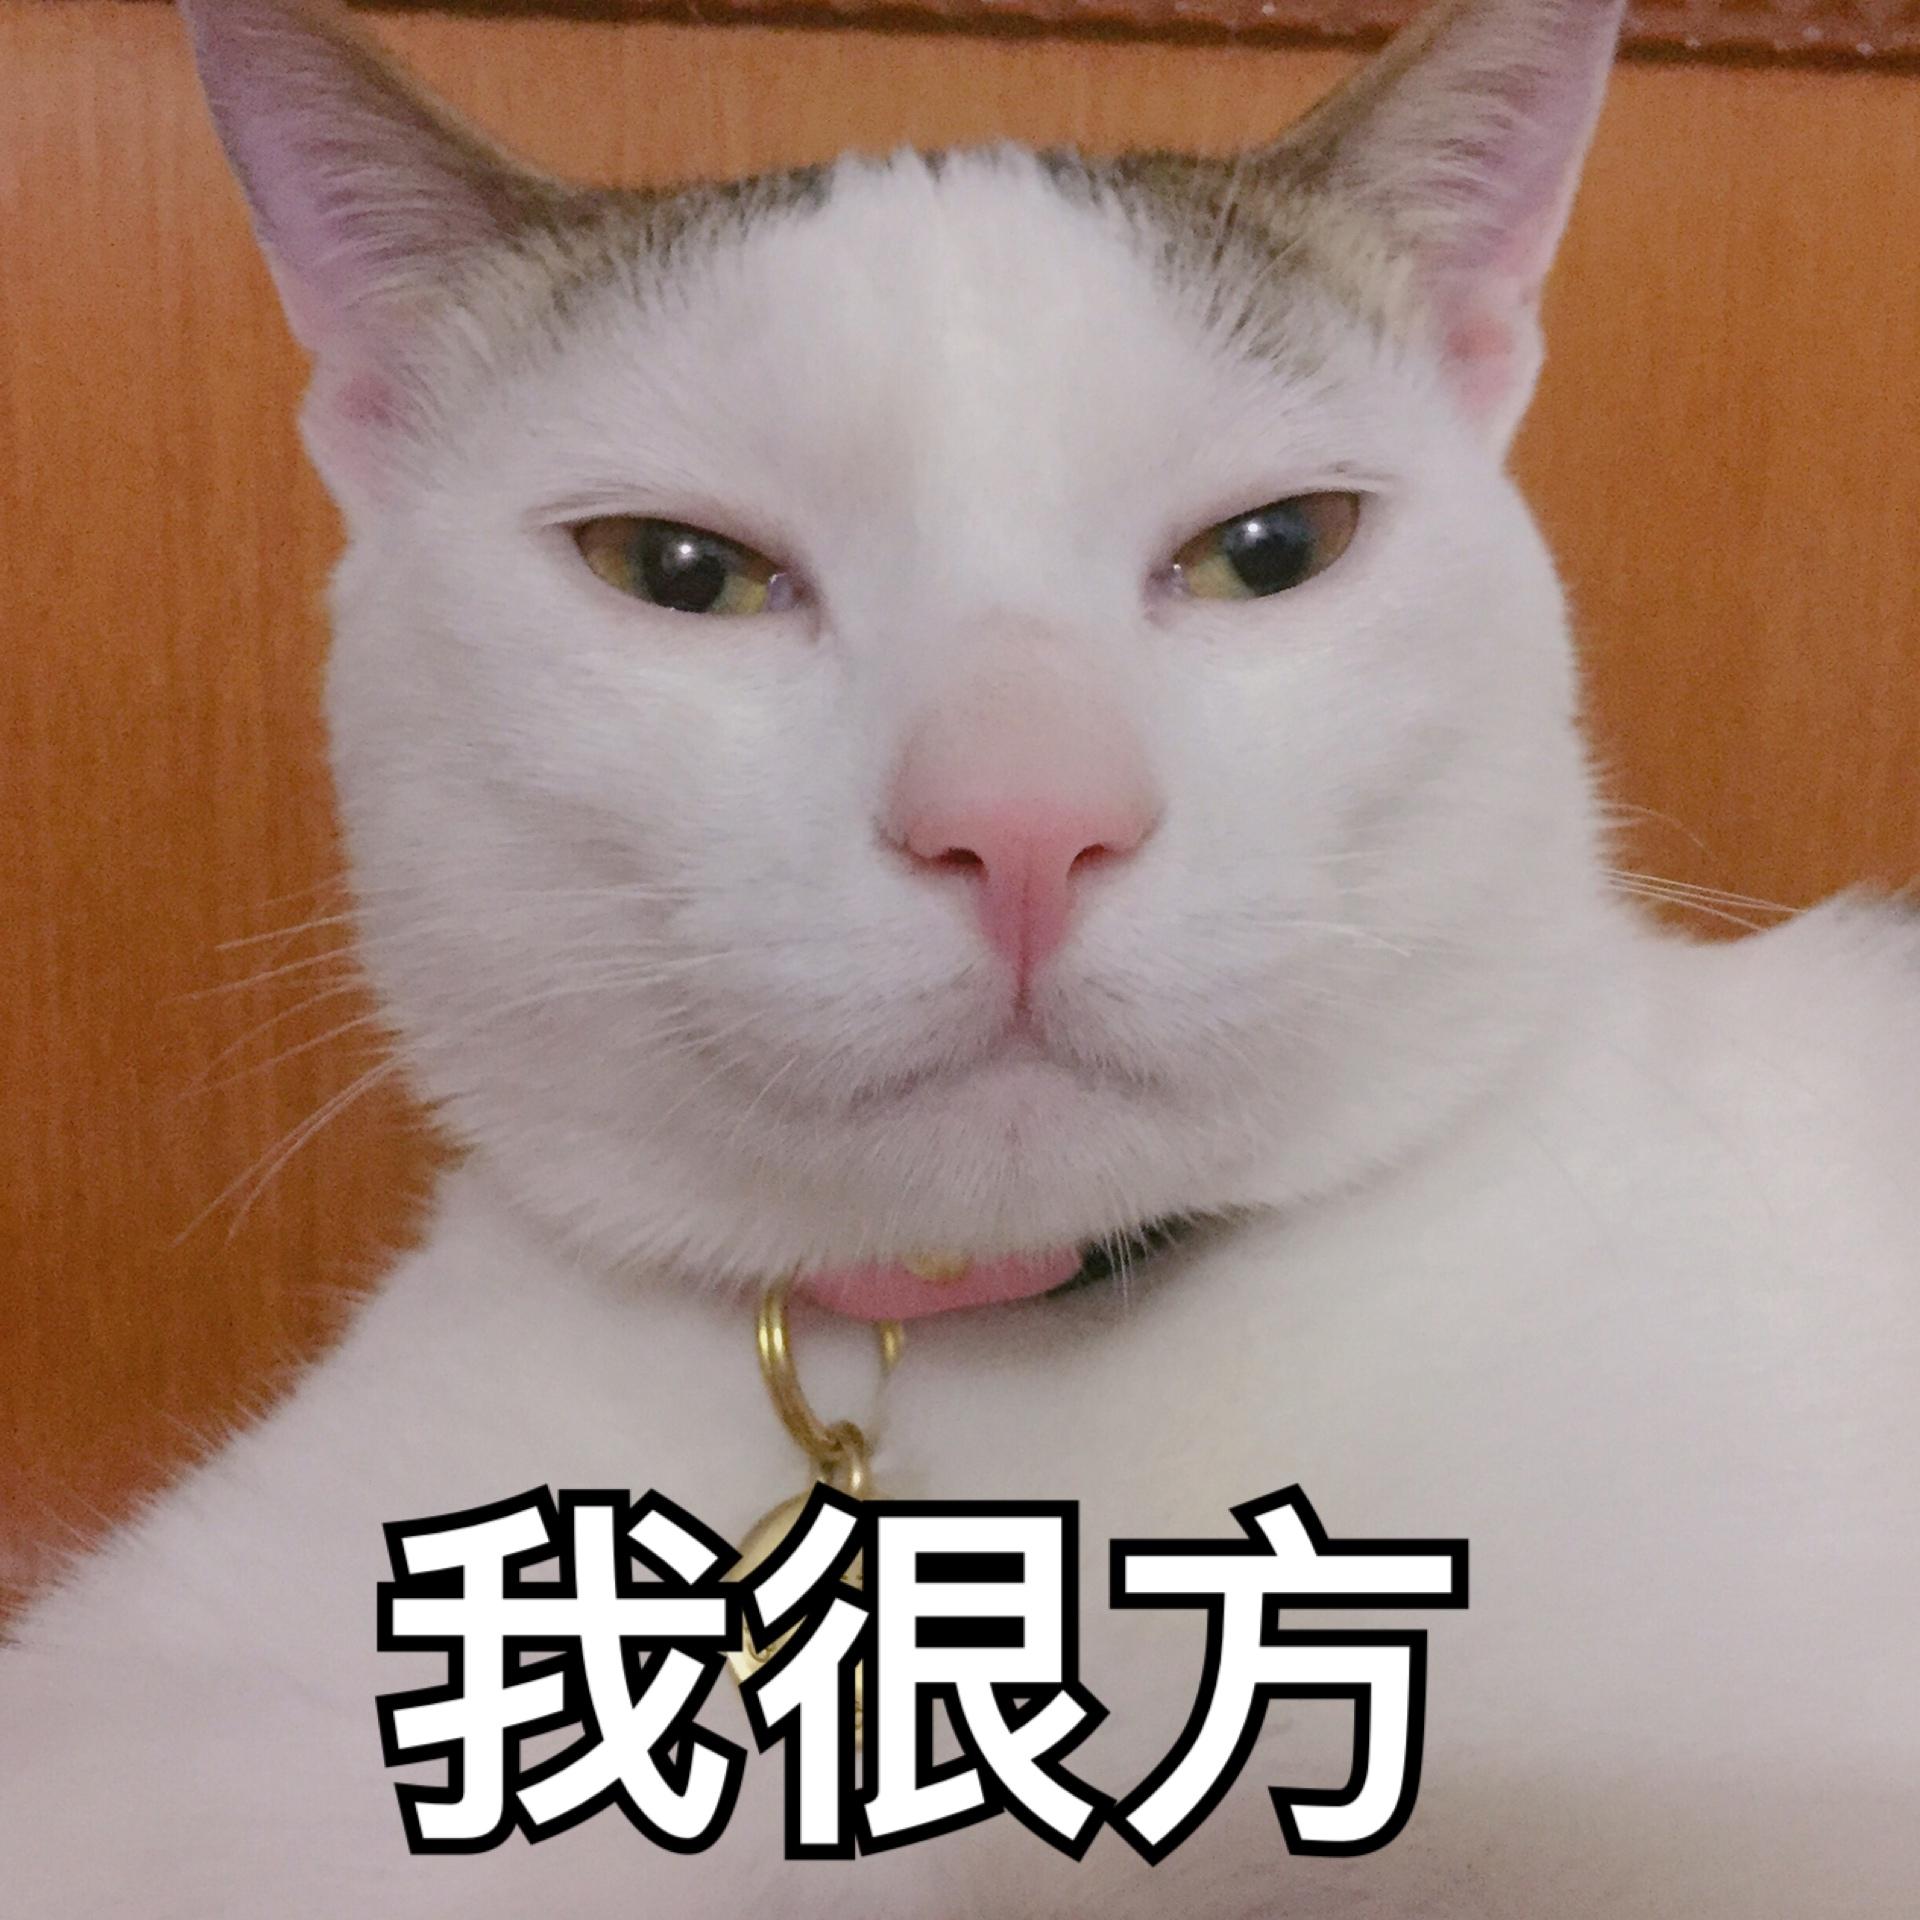 图片表情281:小崽子落我手里了吧?来呀…气猫咪包搞钱只想表情图片